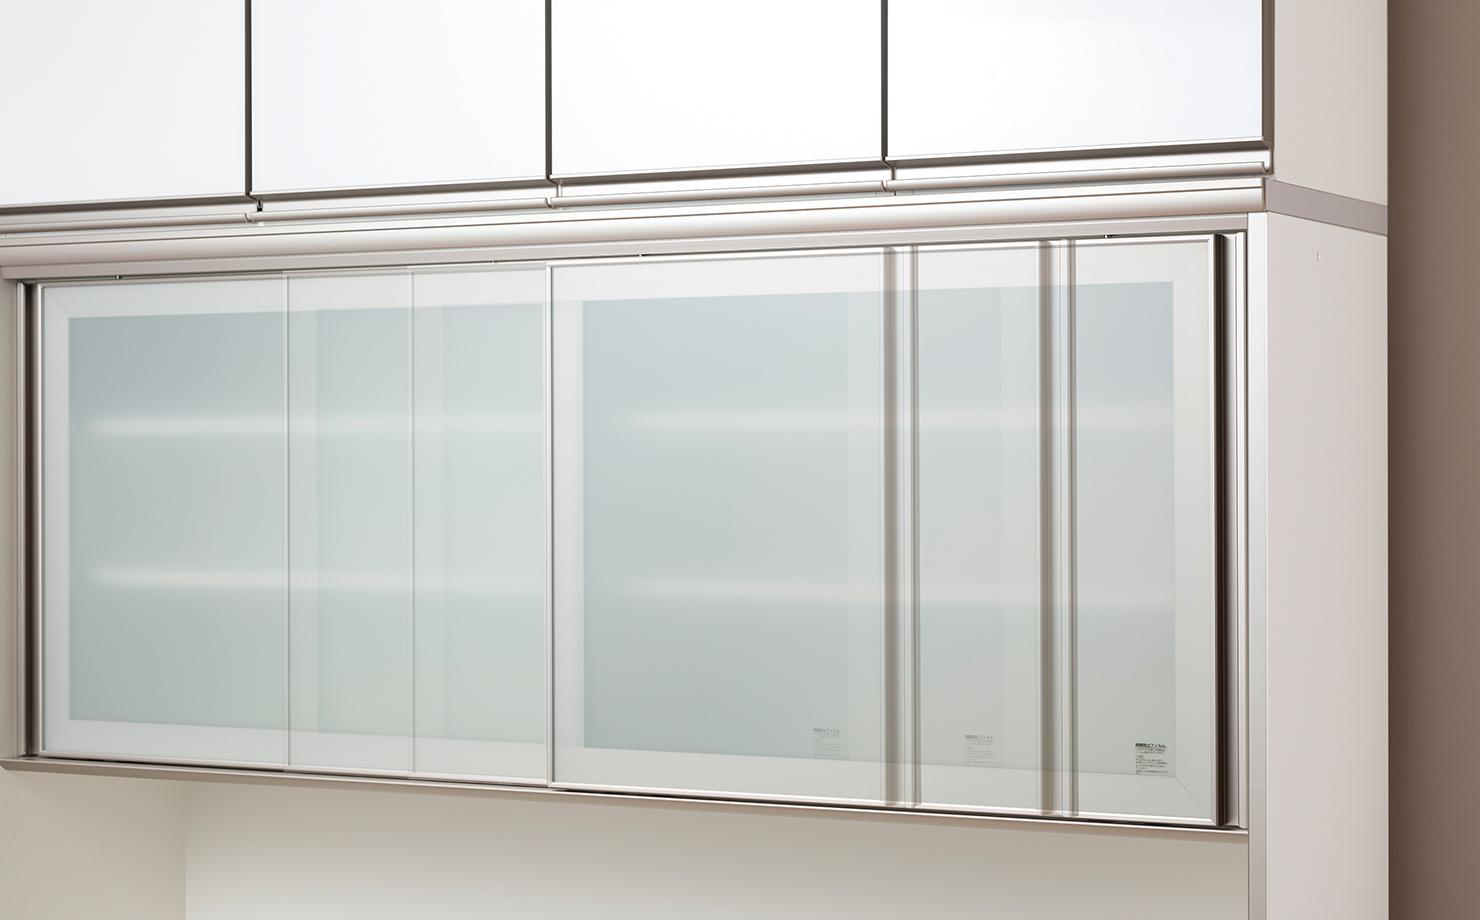 ガラス扉の引き戸は、ゆっくりと閉じるシングルソフトクローズ